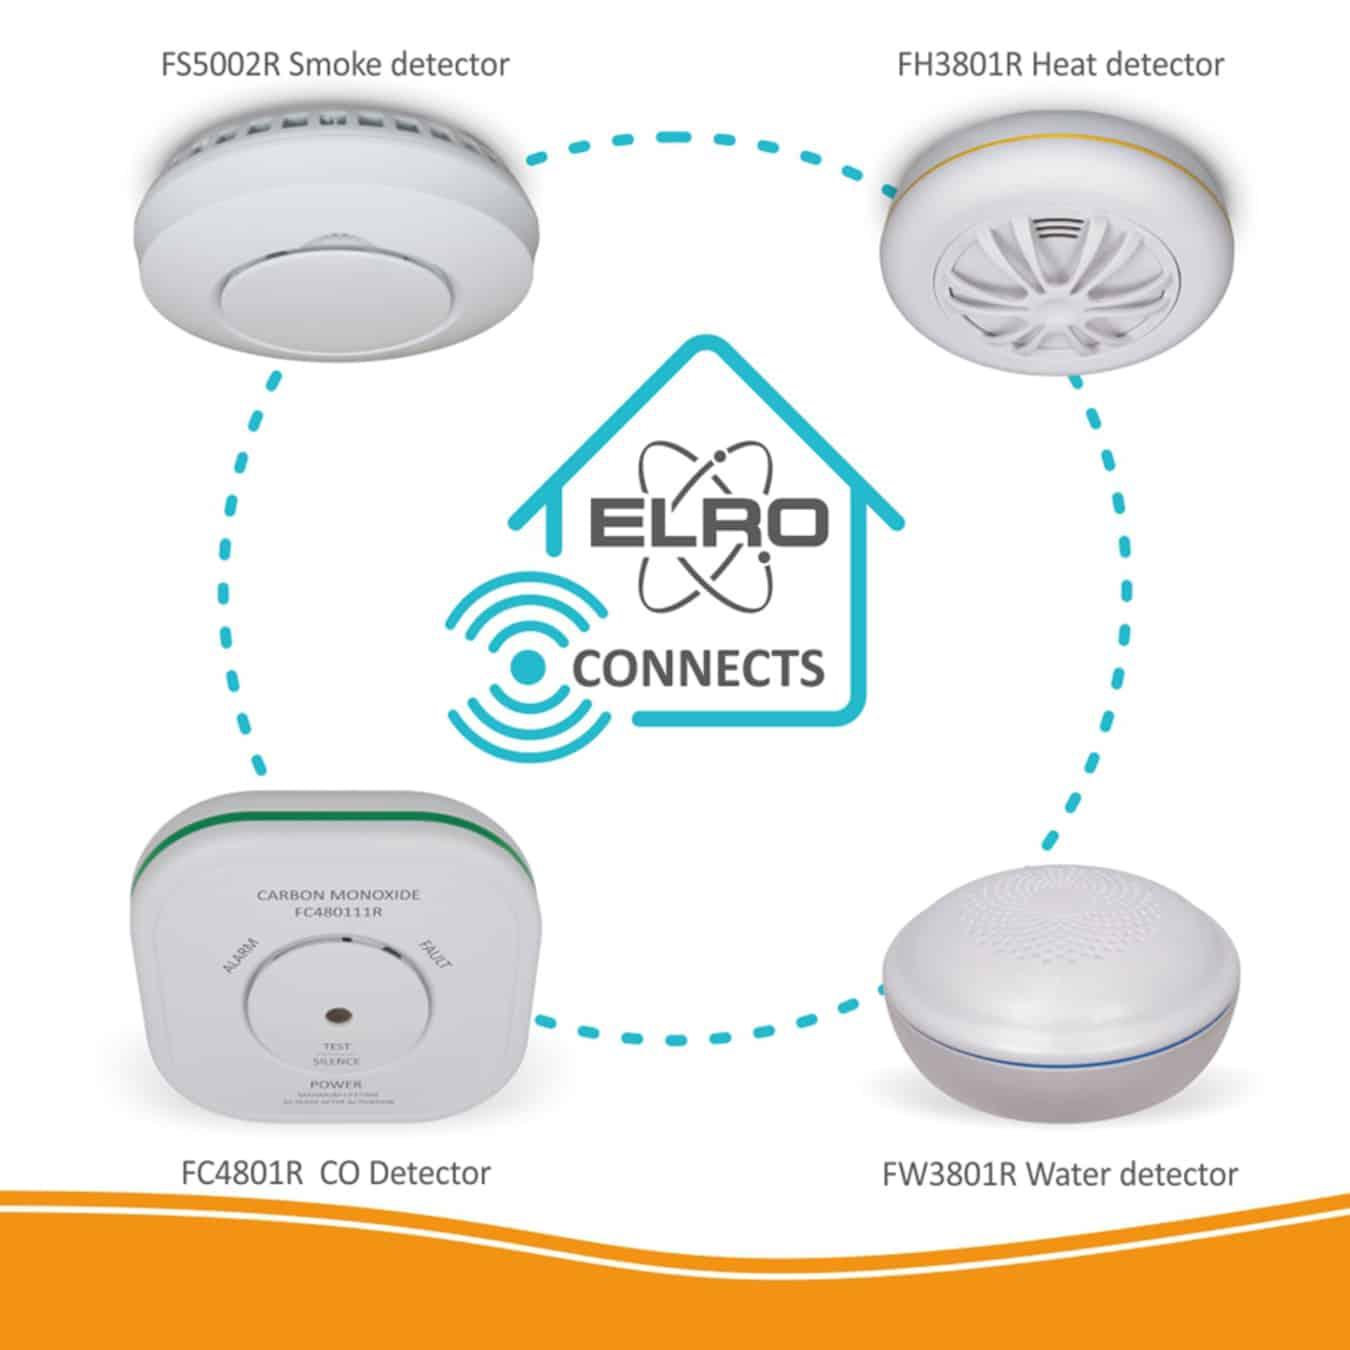 Koop ELRO Connects FH3801R Hittemelder - draadloos koppelbaar